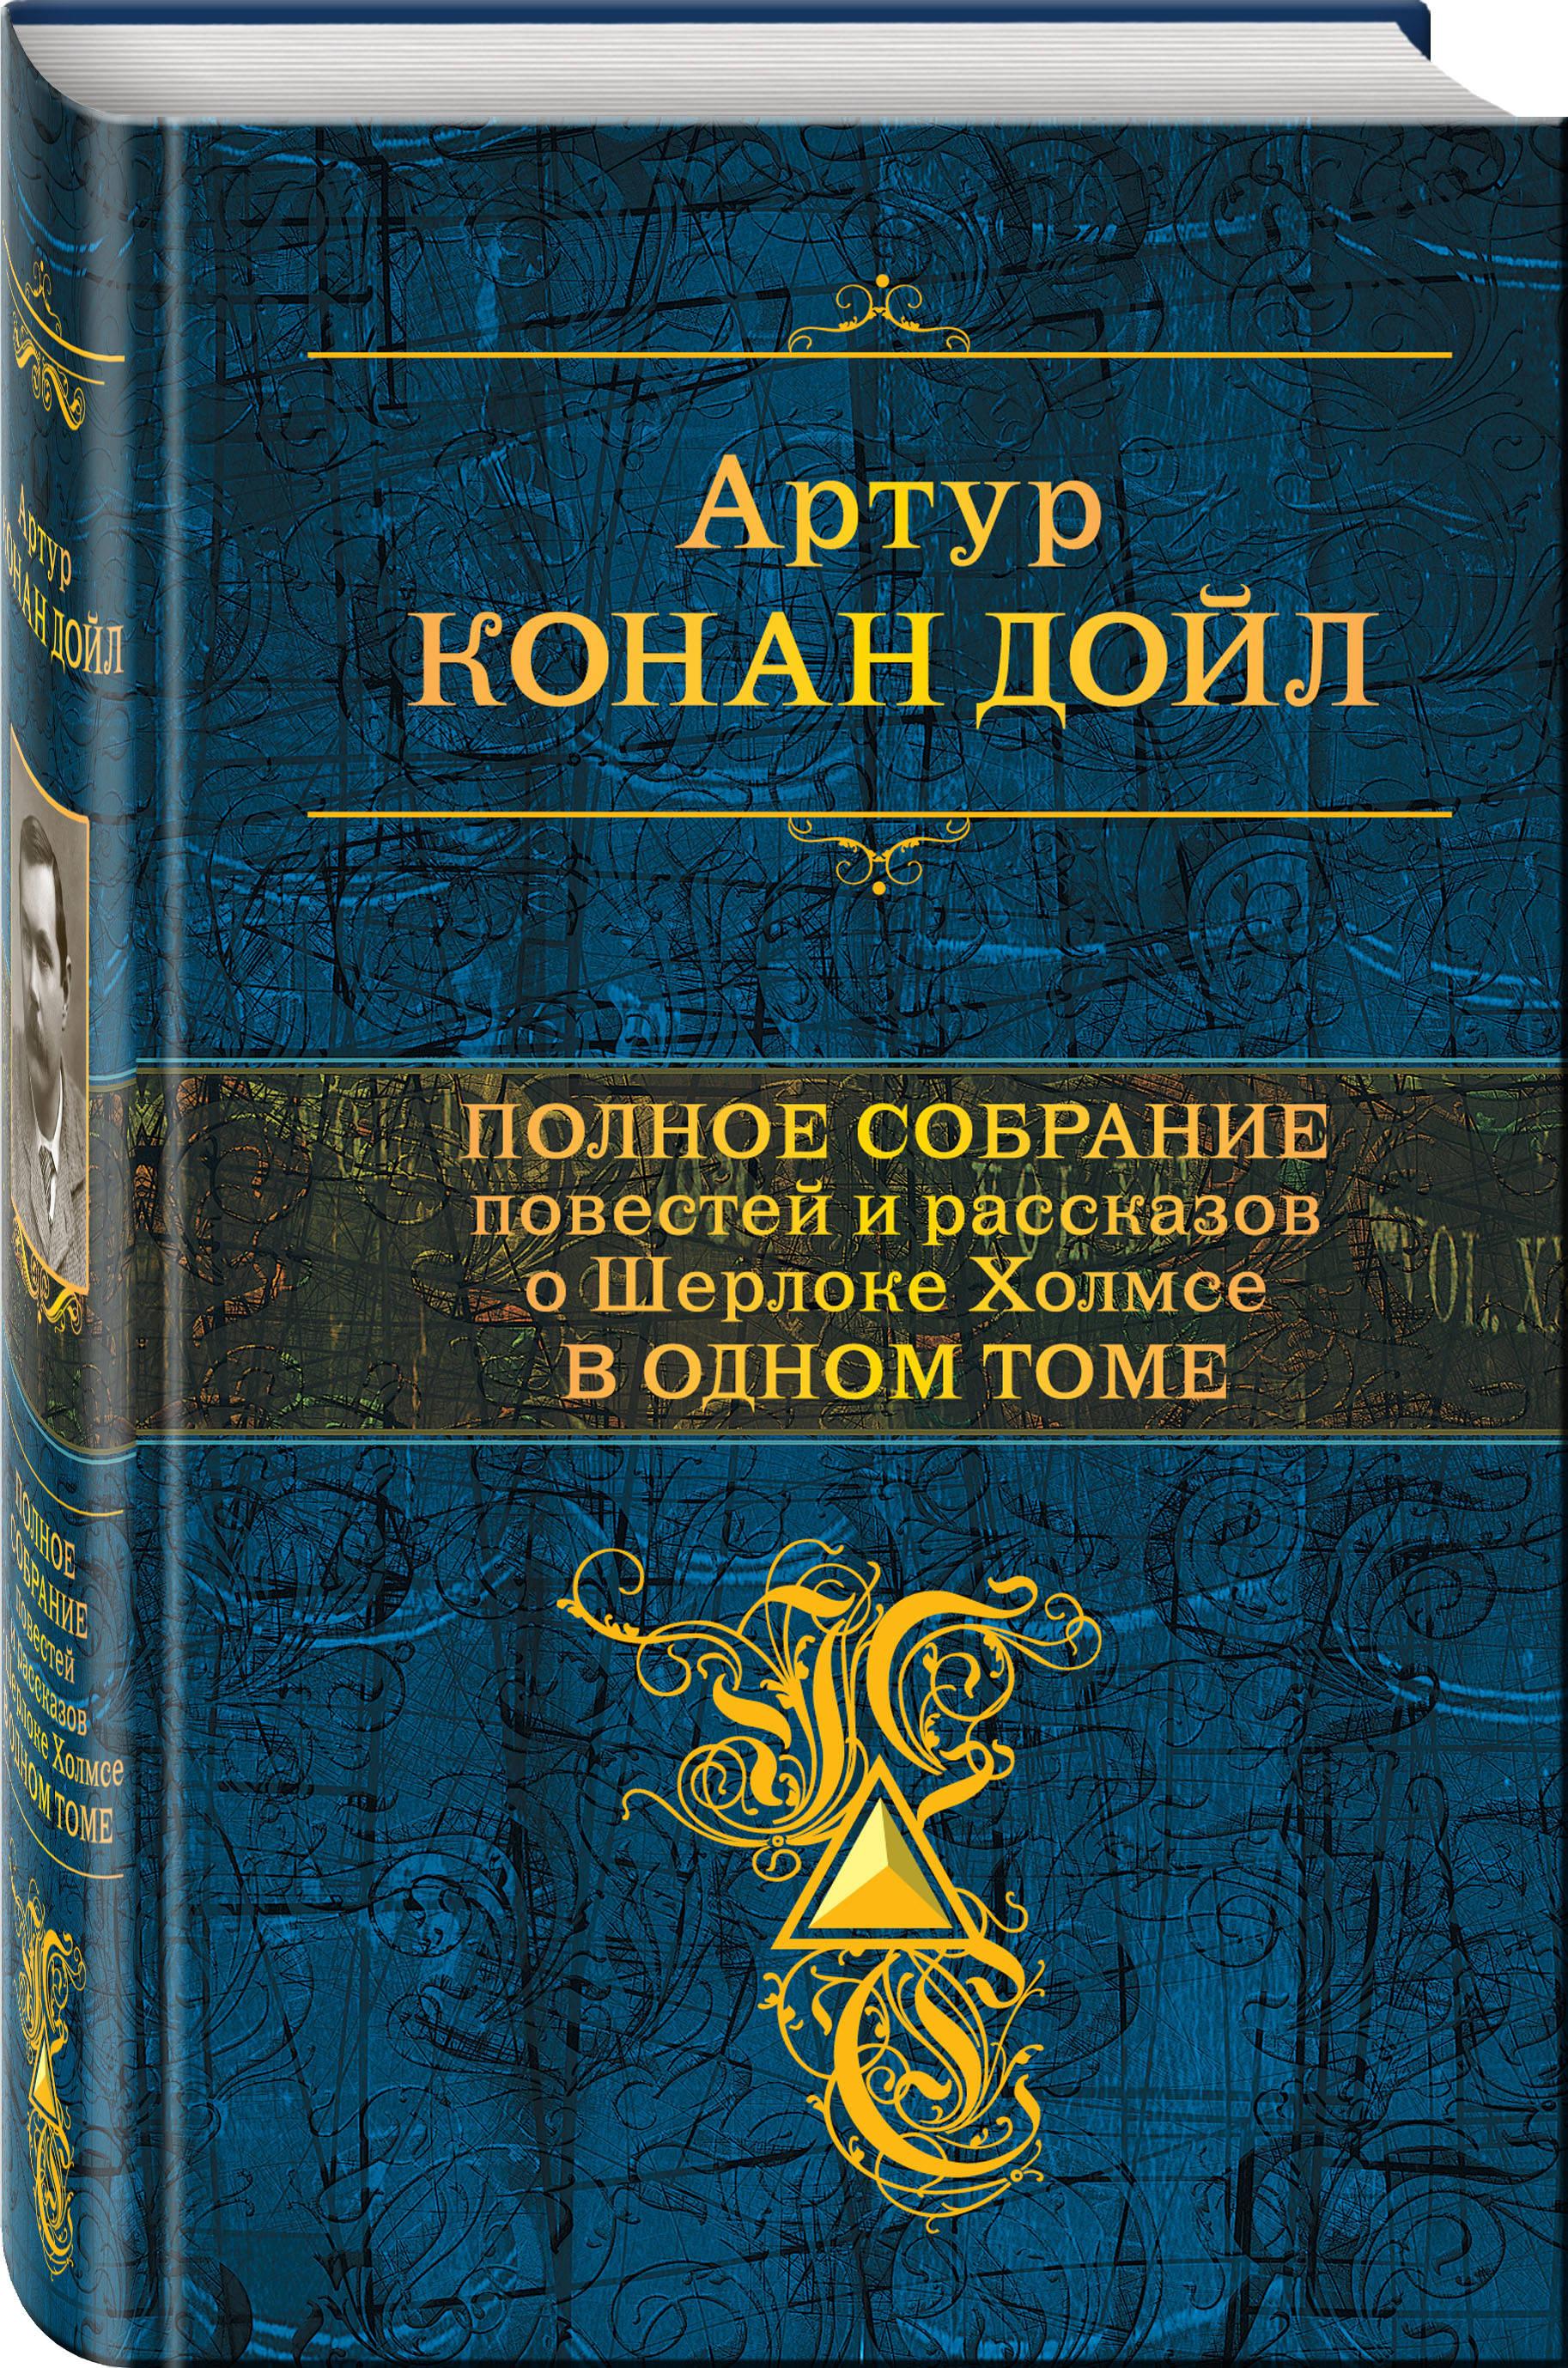 Артур Конан Дойл Полное собрание повестей и рассказов о Шерлоке Холмсе в одном томе